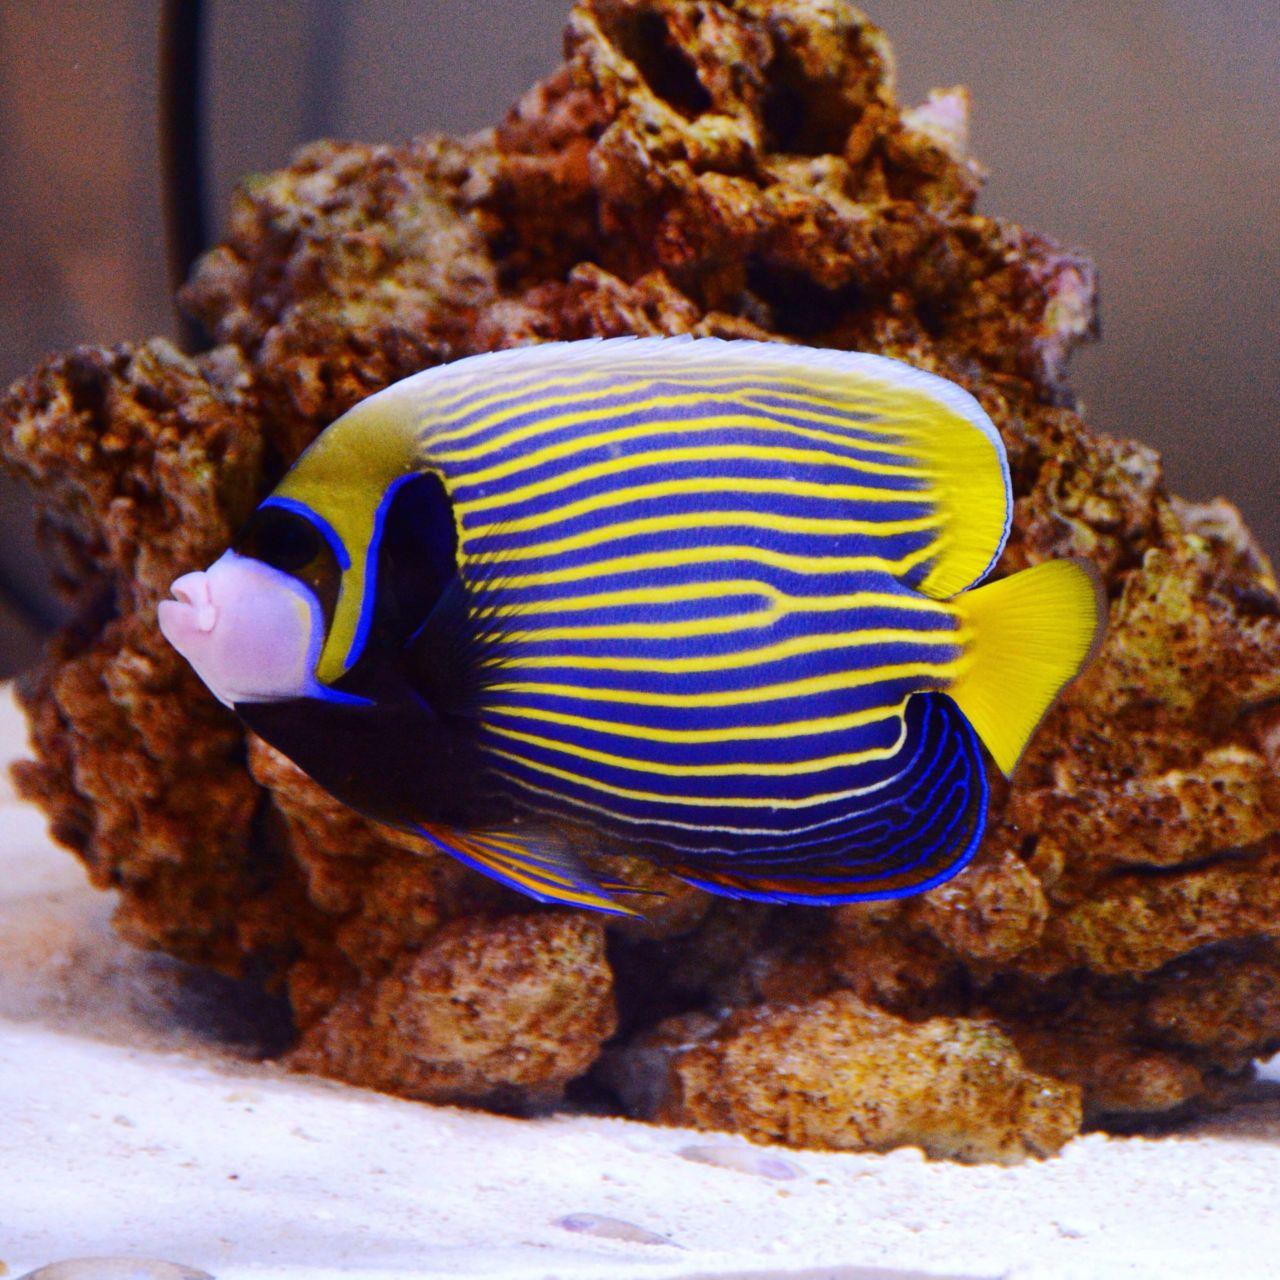 Emperor Angel - Reef Bar Aquarium Services - reef-bar.com